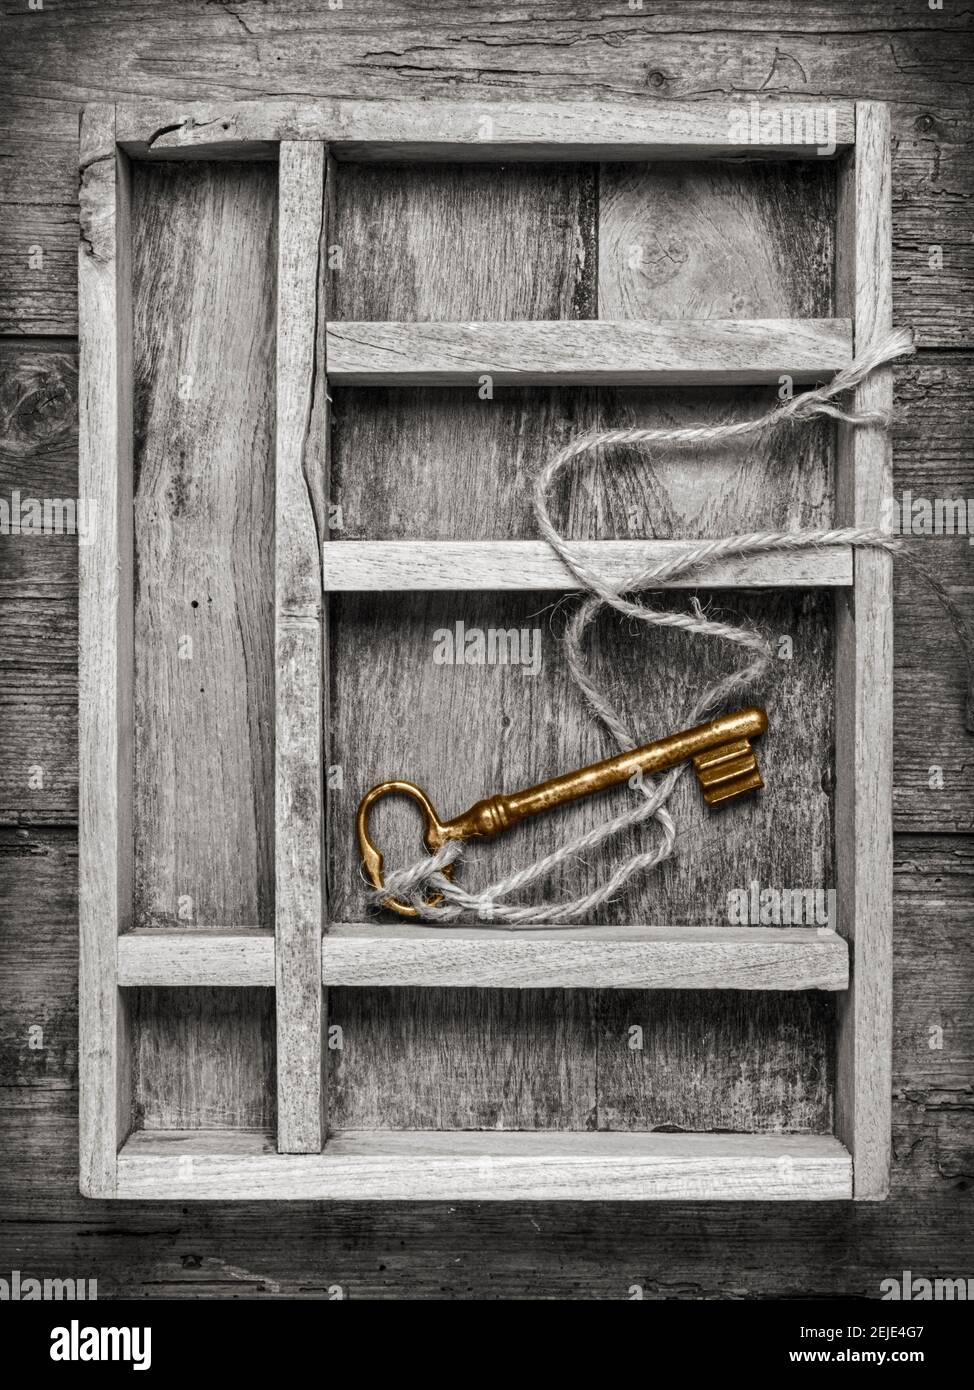 llave dorada vintage con cuerda en compartimento de caja de madera, vista superior Foto de stock